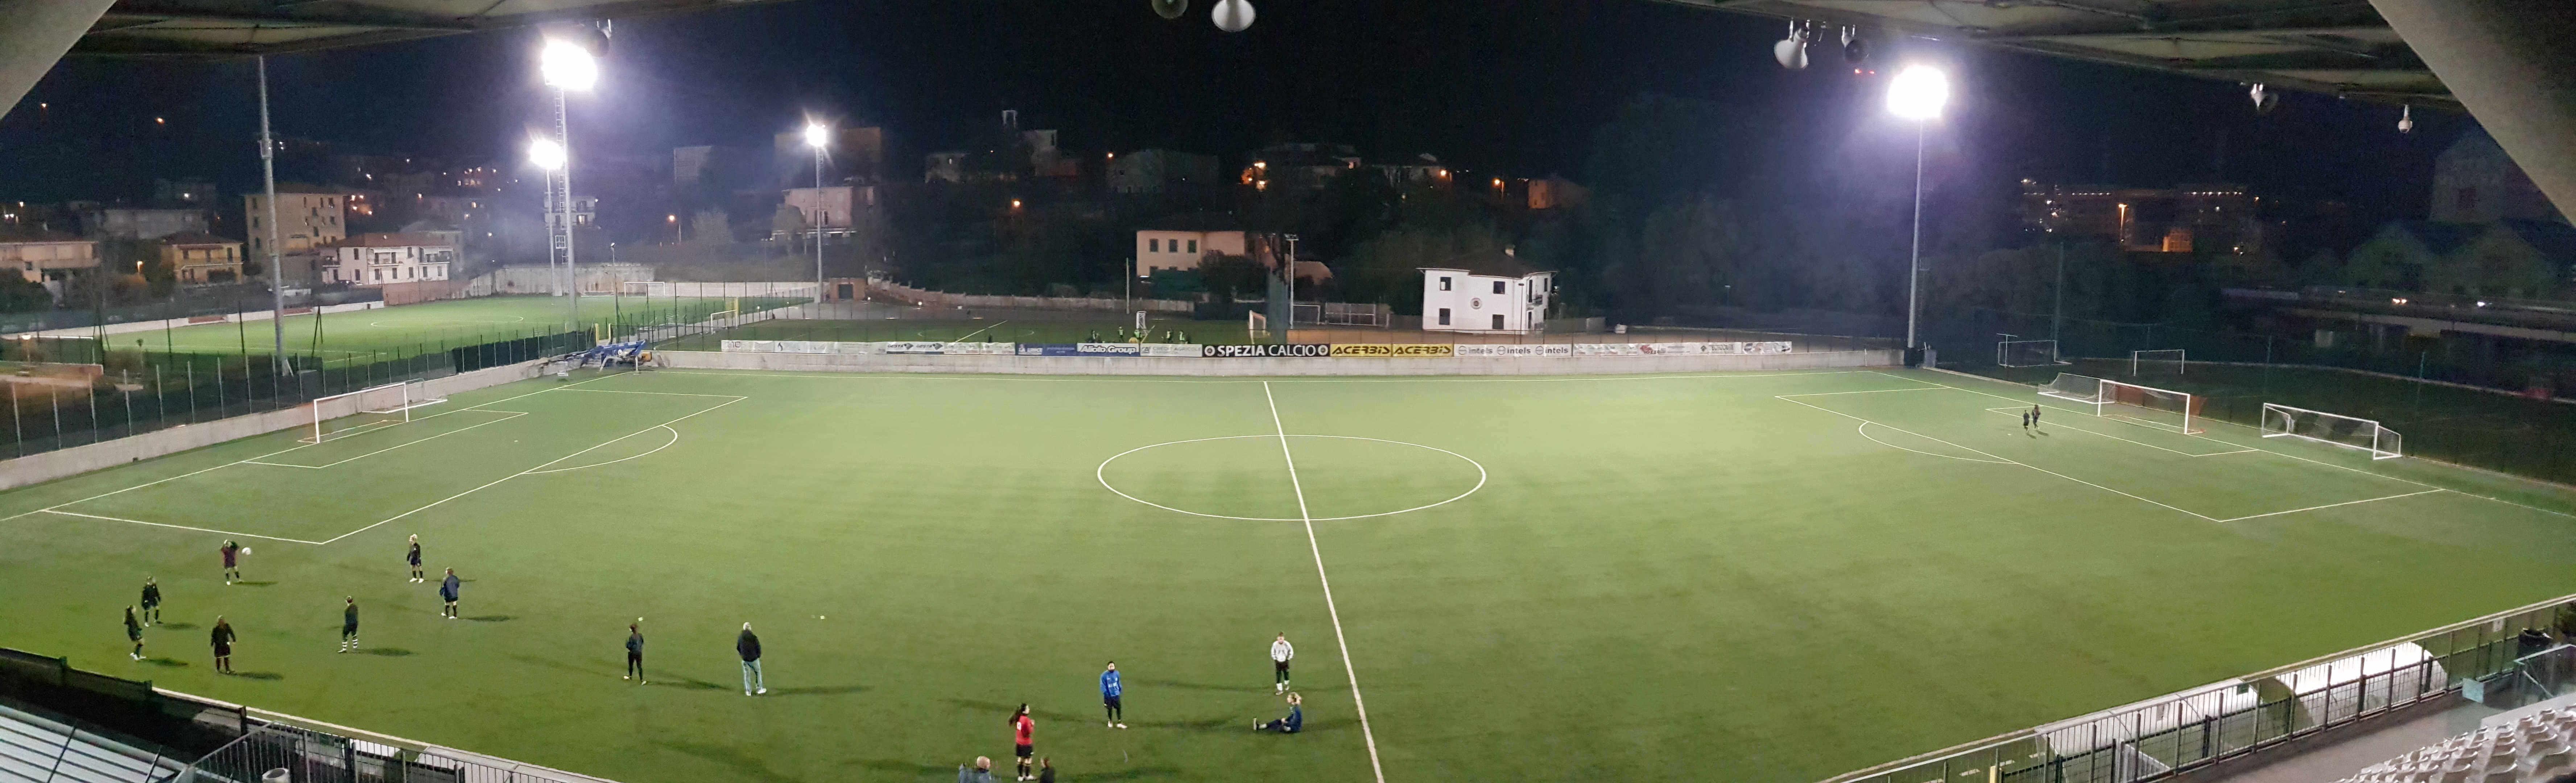 Centro-sportivo-ferdeghini-spezia-calcio-4